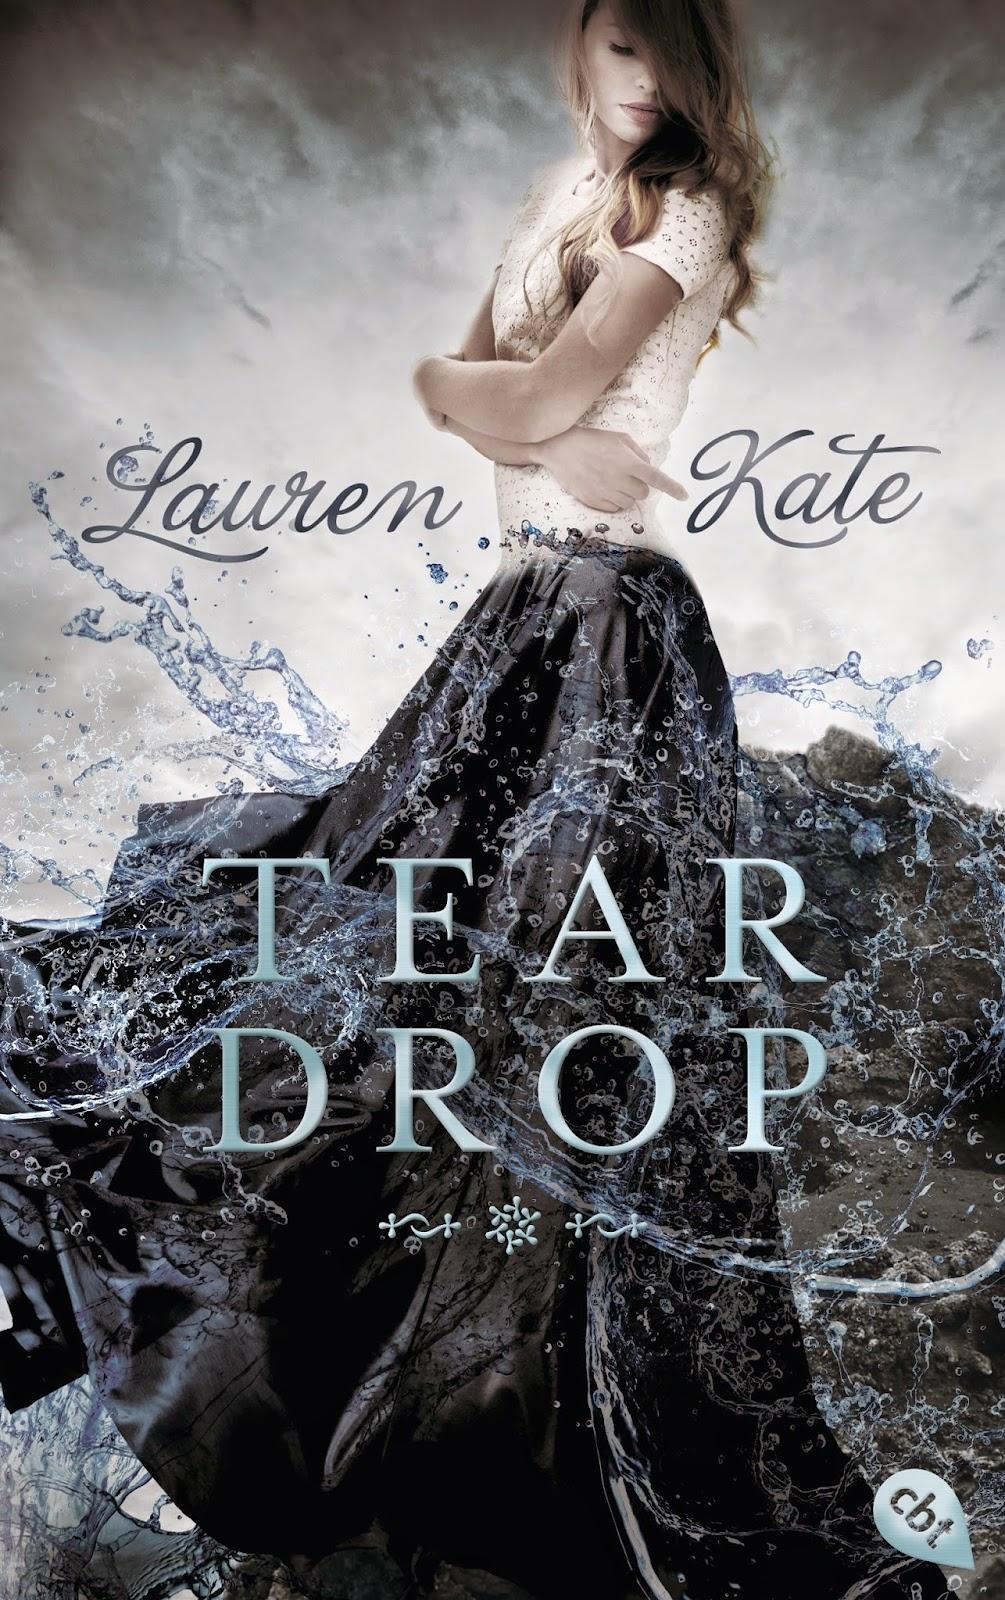 http://www.amazon.de/Teardrop-Band-1-Lauren-Kate/dp/357016277X/ref=sr_1_1?ie=UTF8&qid=1408809198&sr=8-1&keywords=teardrop